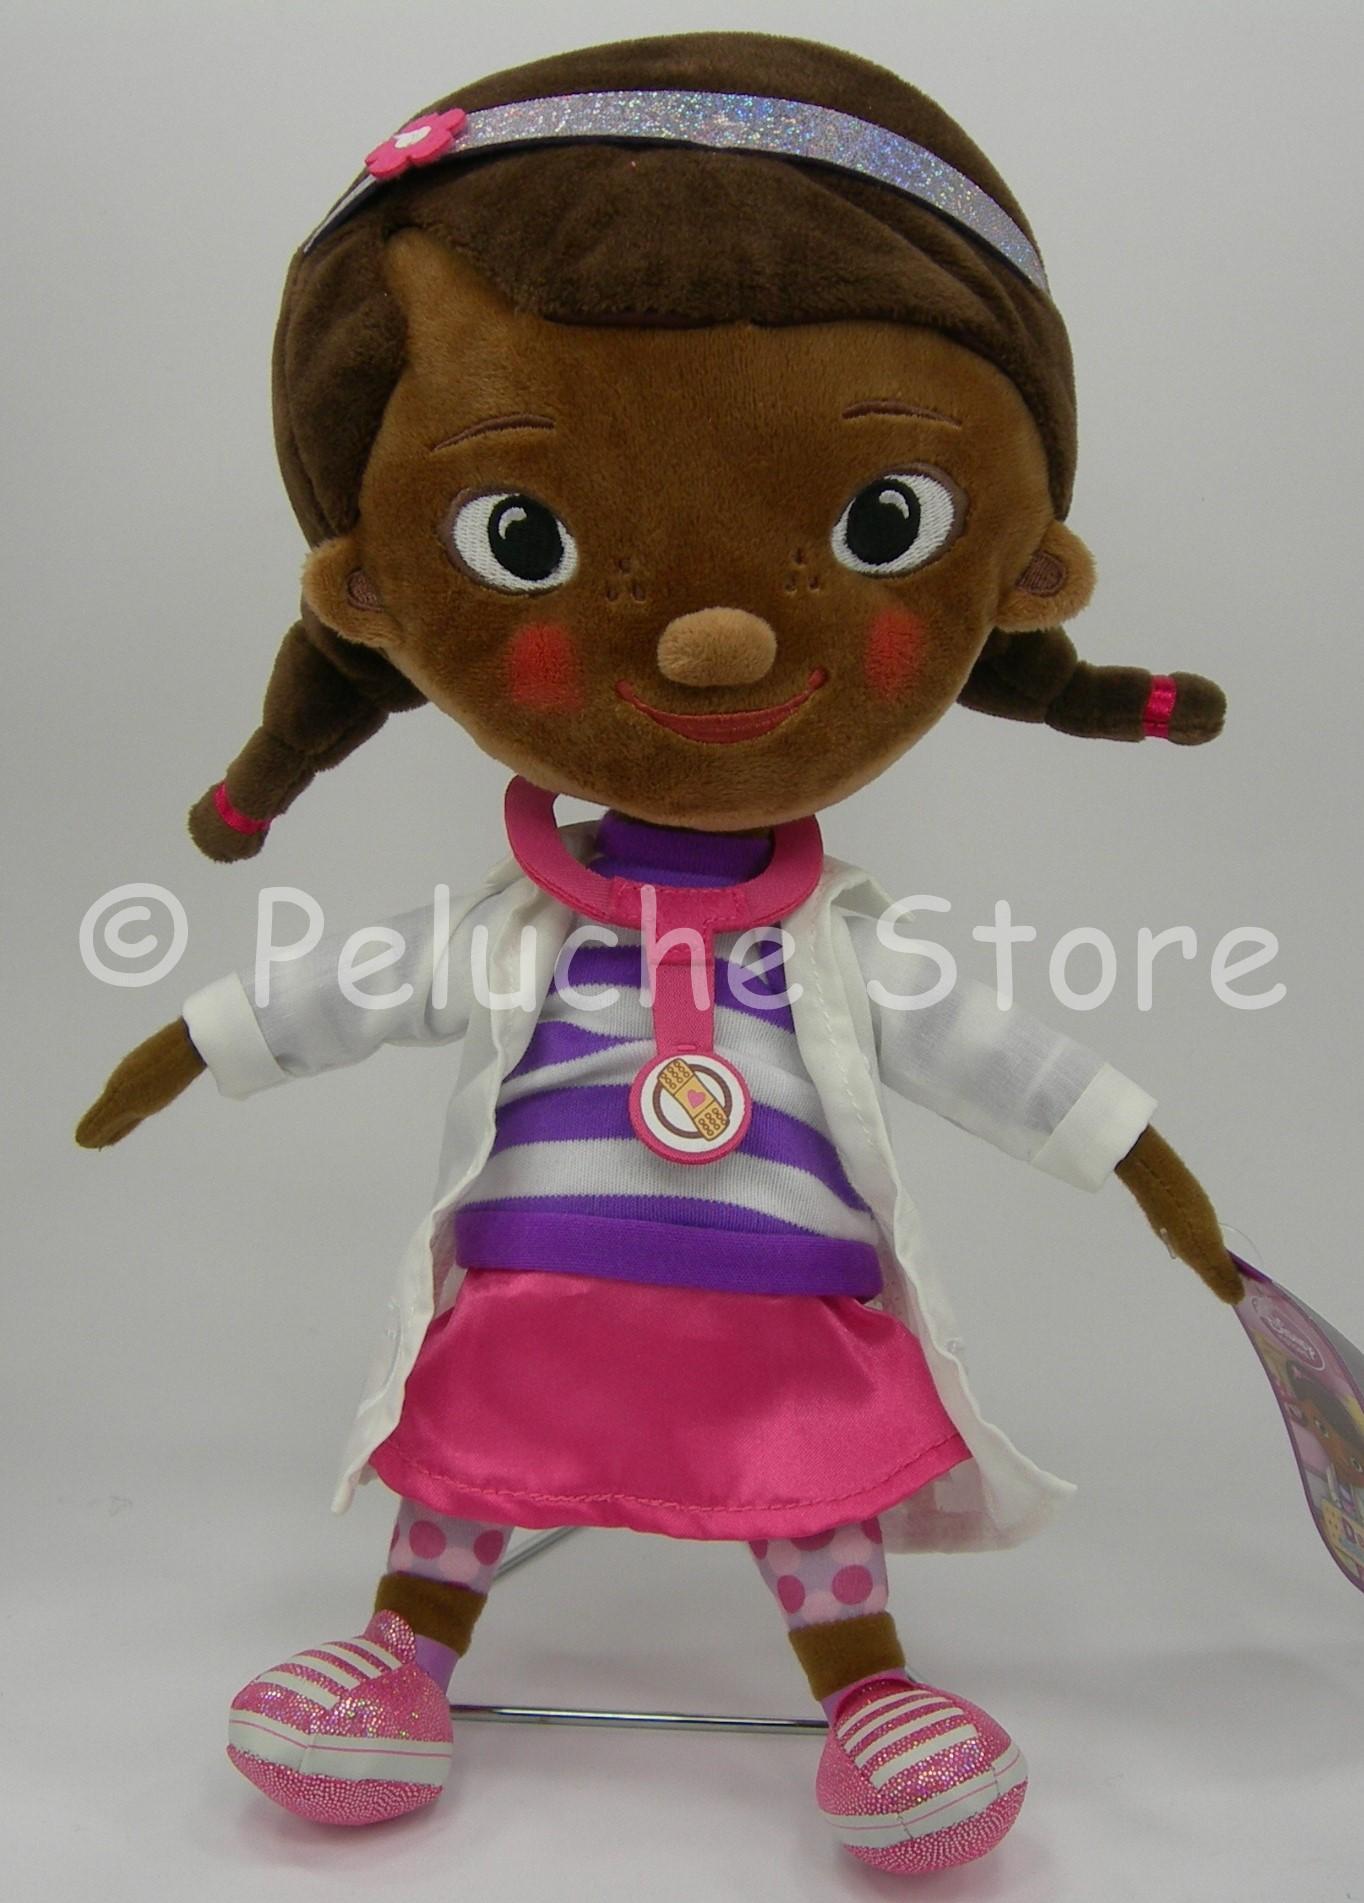 Disney Store Dottoressa Peluche Dottie peluche 30 cm velluto